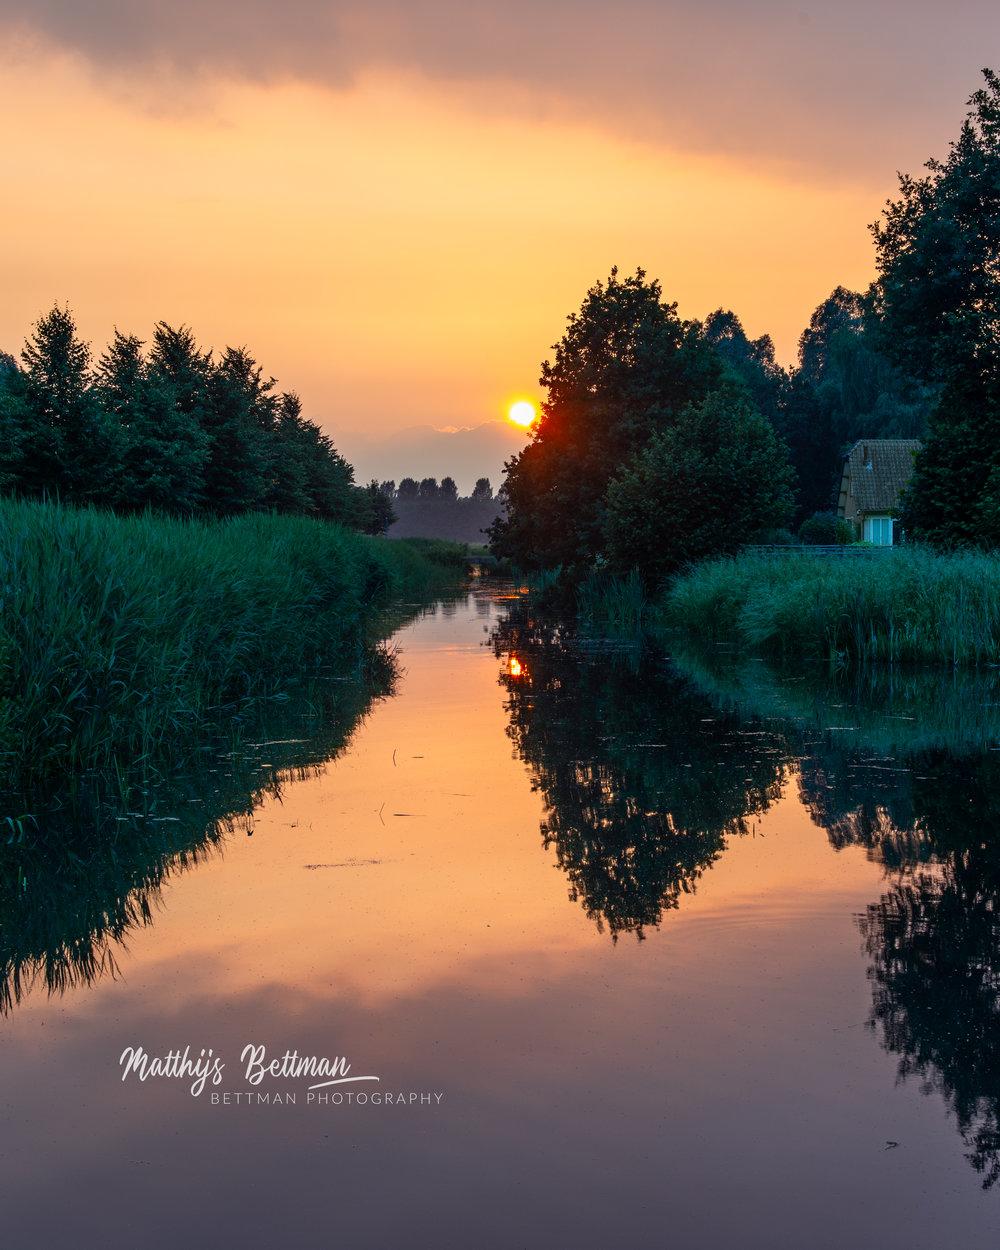 Nederland-2.jpg